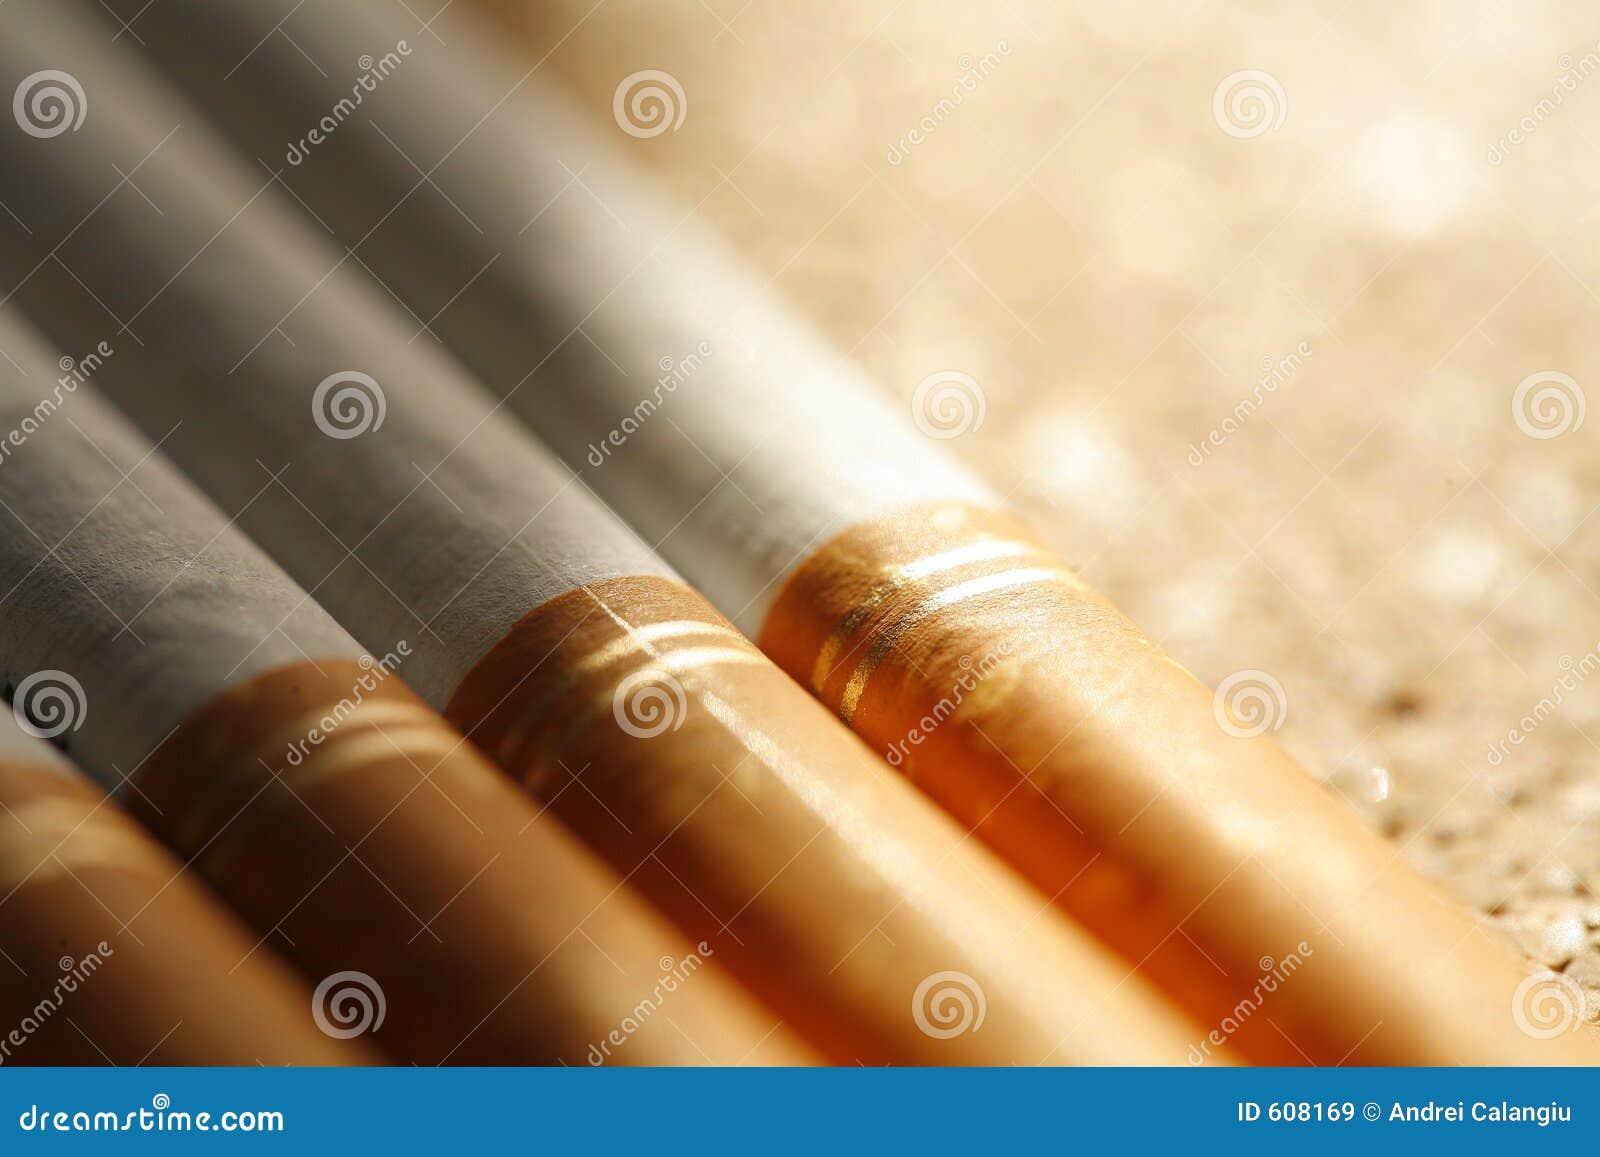 De sigaretten van de premie